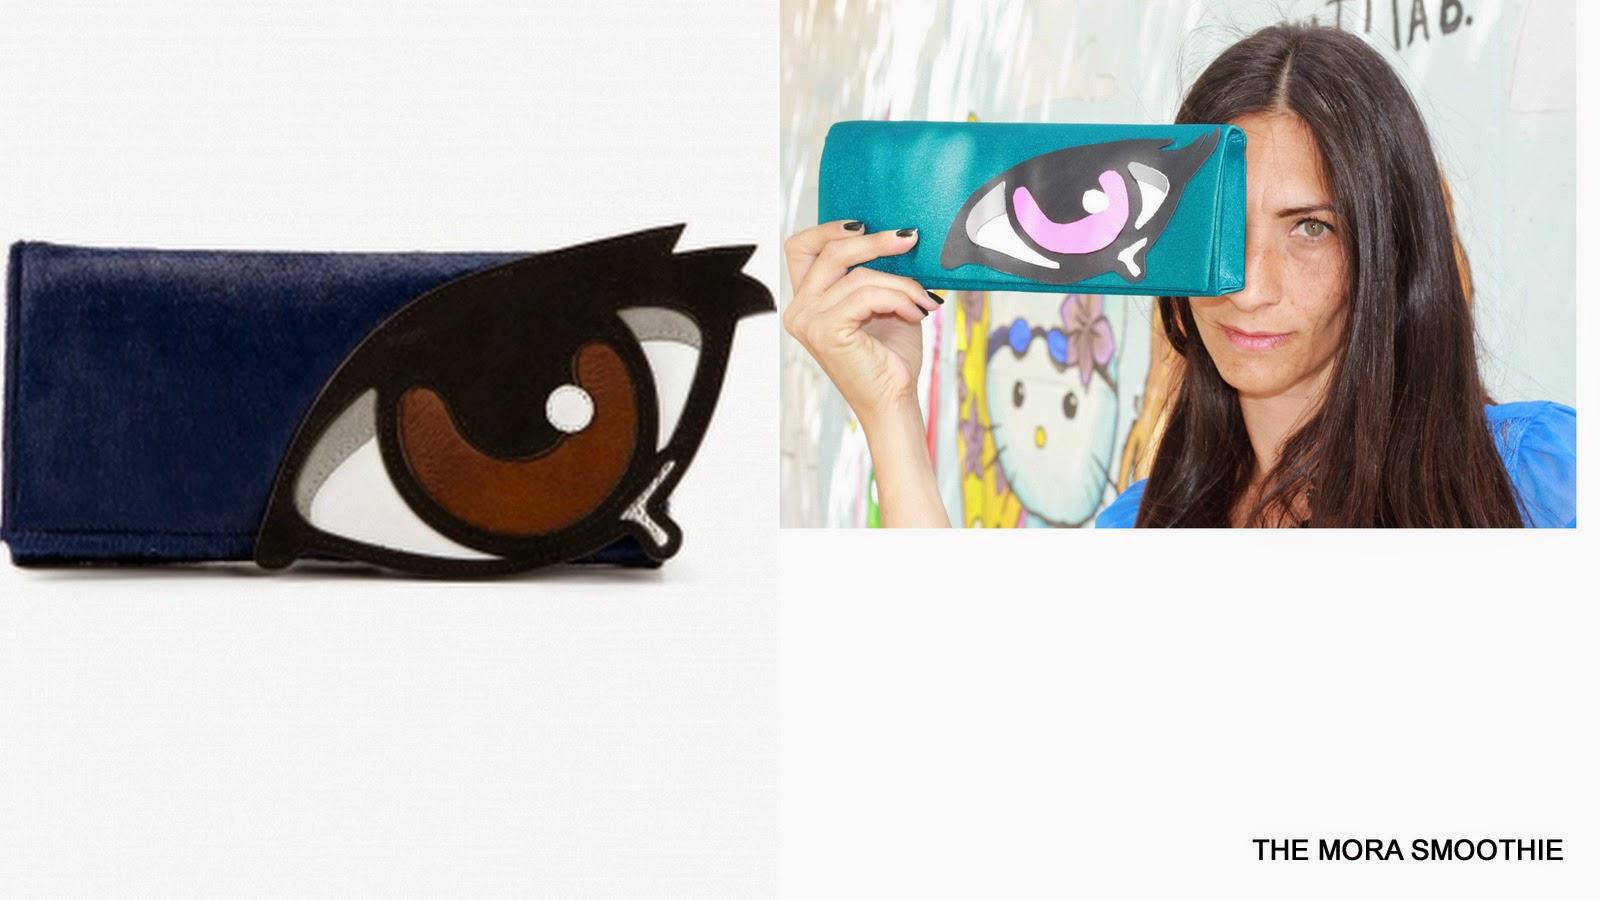 diy, diyblogger, diyblog, fashiondiy, fashionblog, fashionblogger, themorasmoothie, eye, eyes, bag, fashion bag, diy bag, tutorial, tutorial bag, diy pierre hardy, pierre hardy, shopping, craft, diyproject, diycraft,